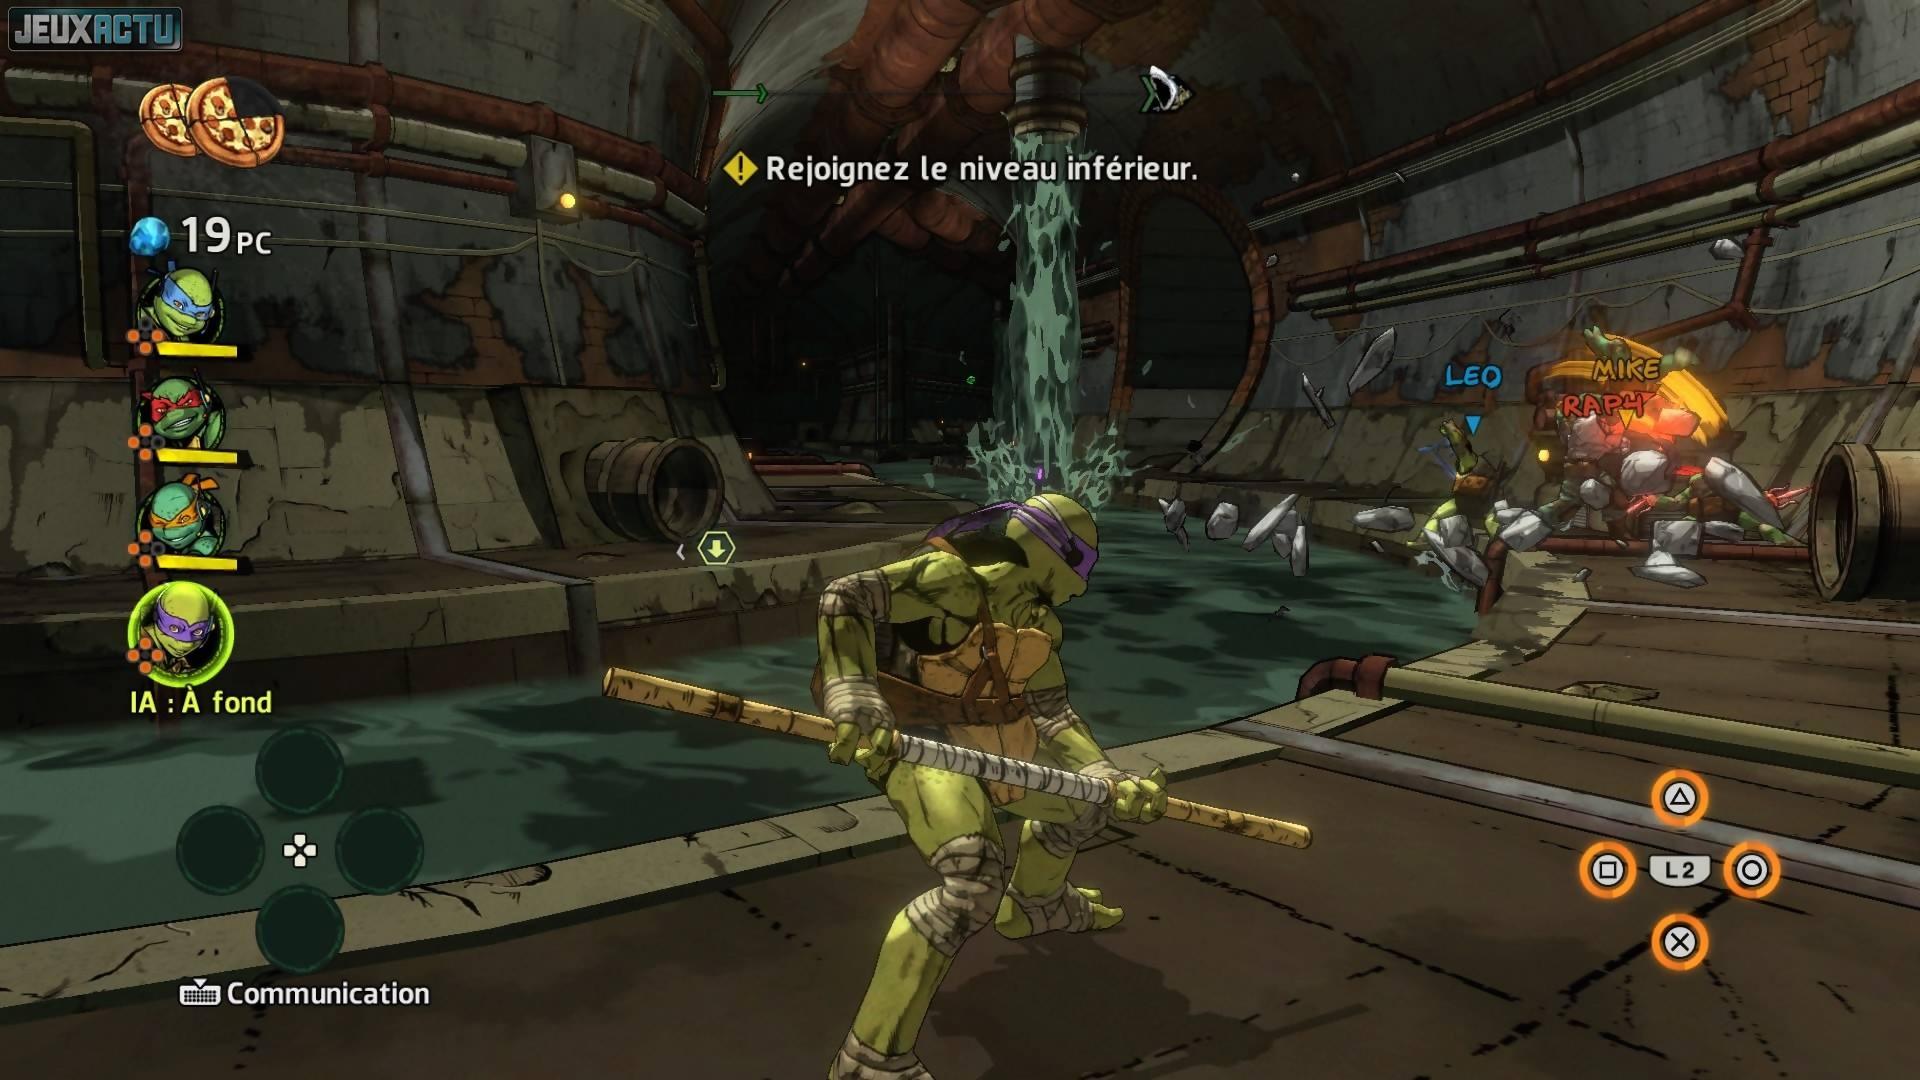 Test tortues ninja des mutants manhattan sur ps4 et xbox - Jeux de tortues ninja gratuit ...